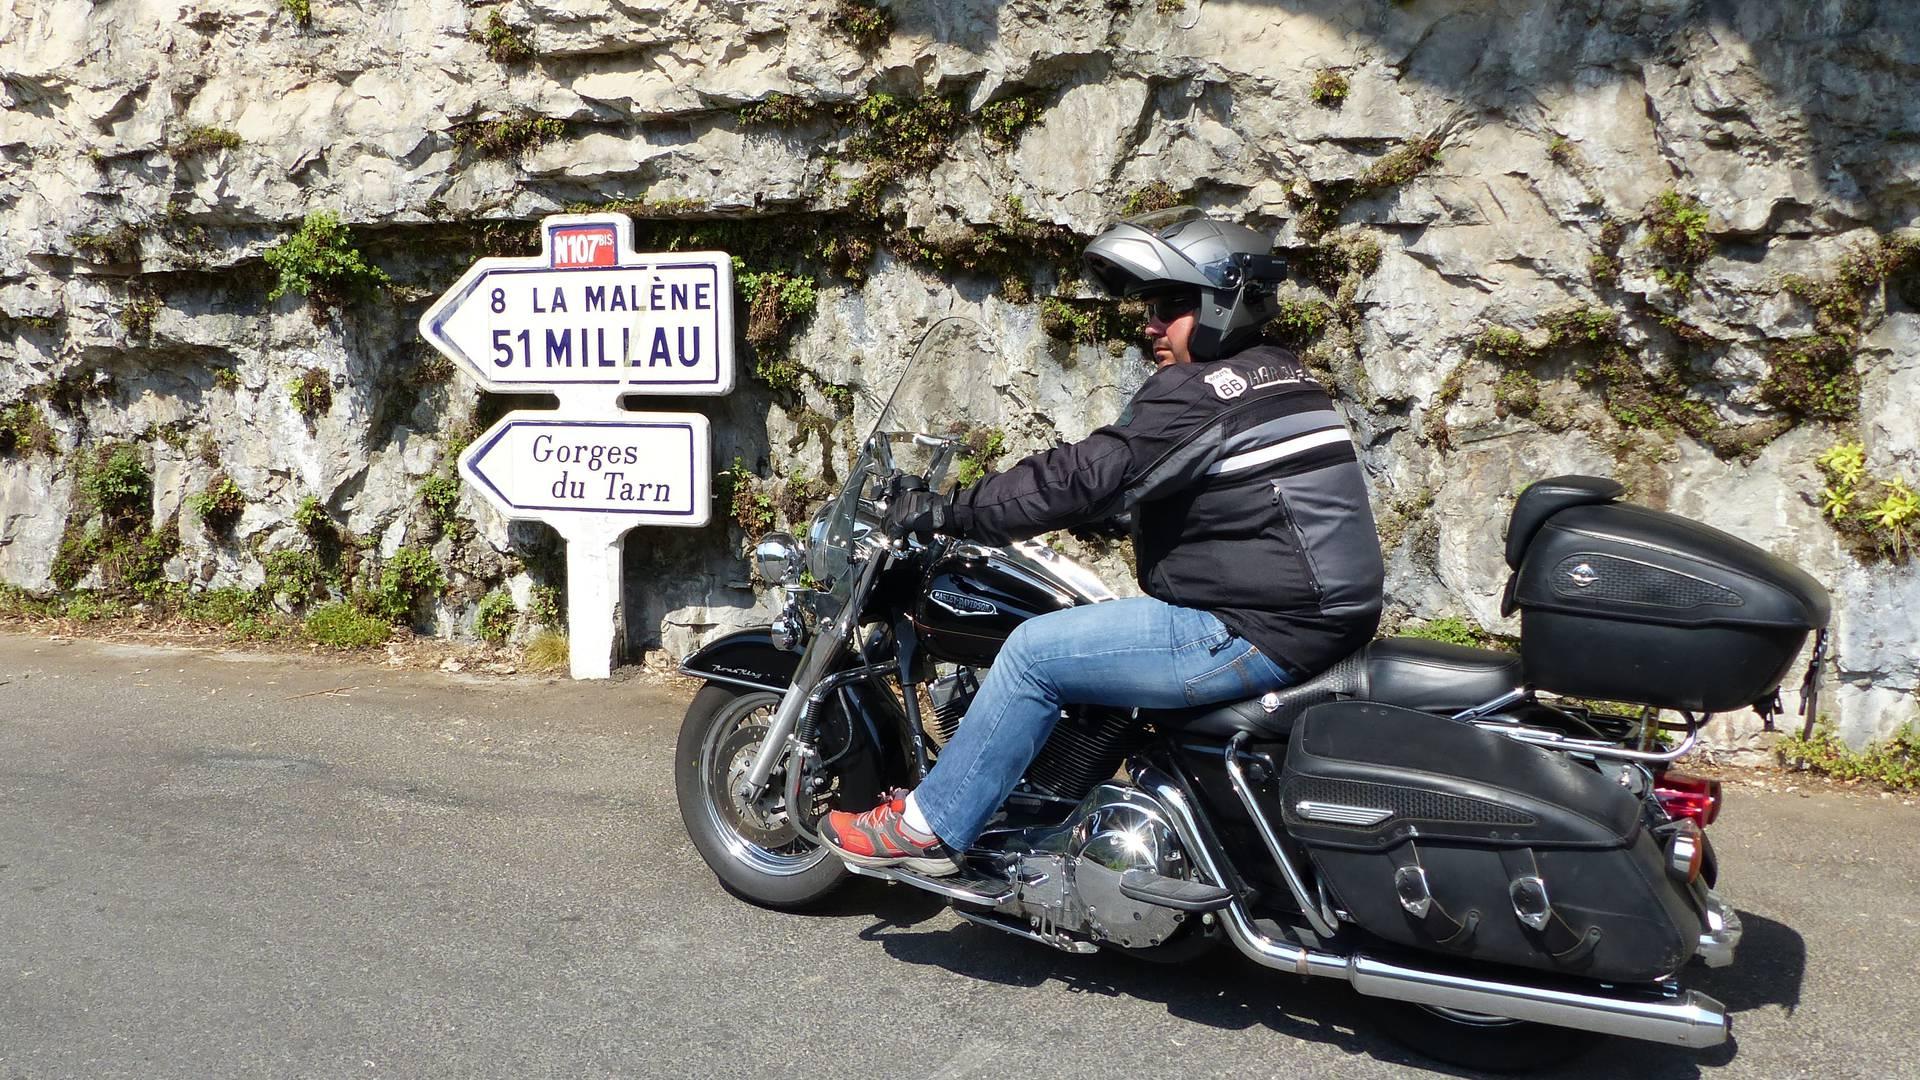 Les gorges du tarn à moto